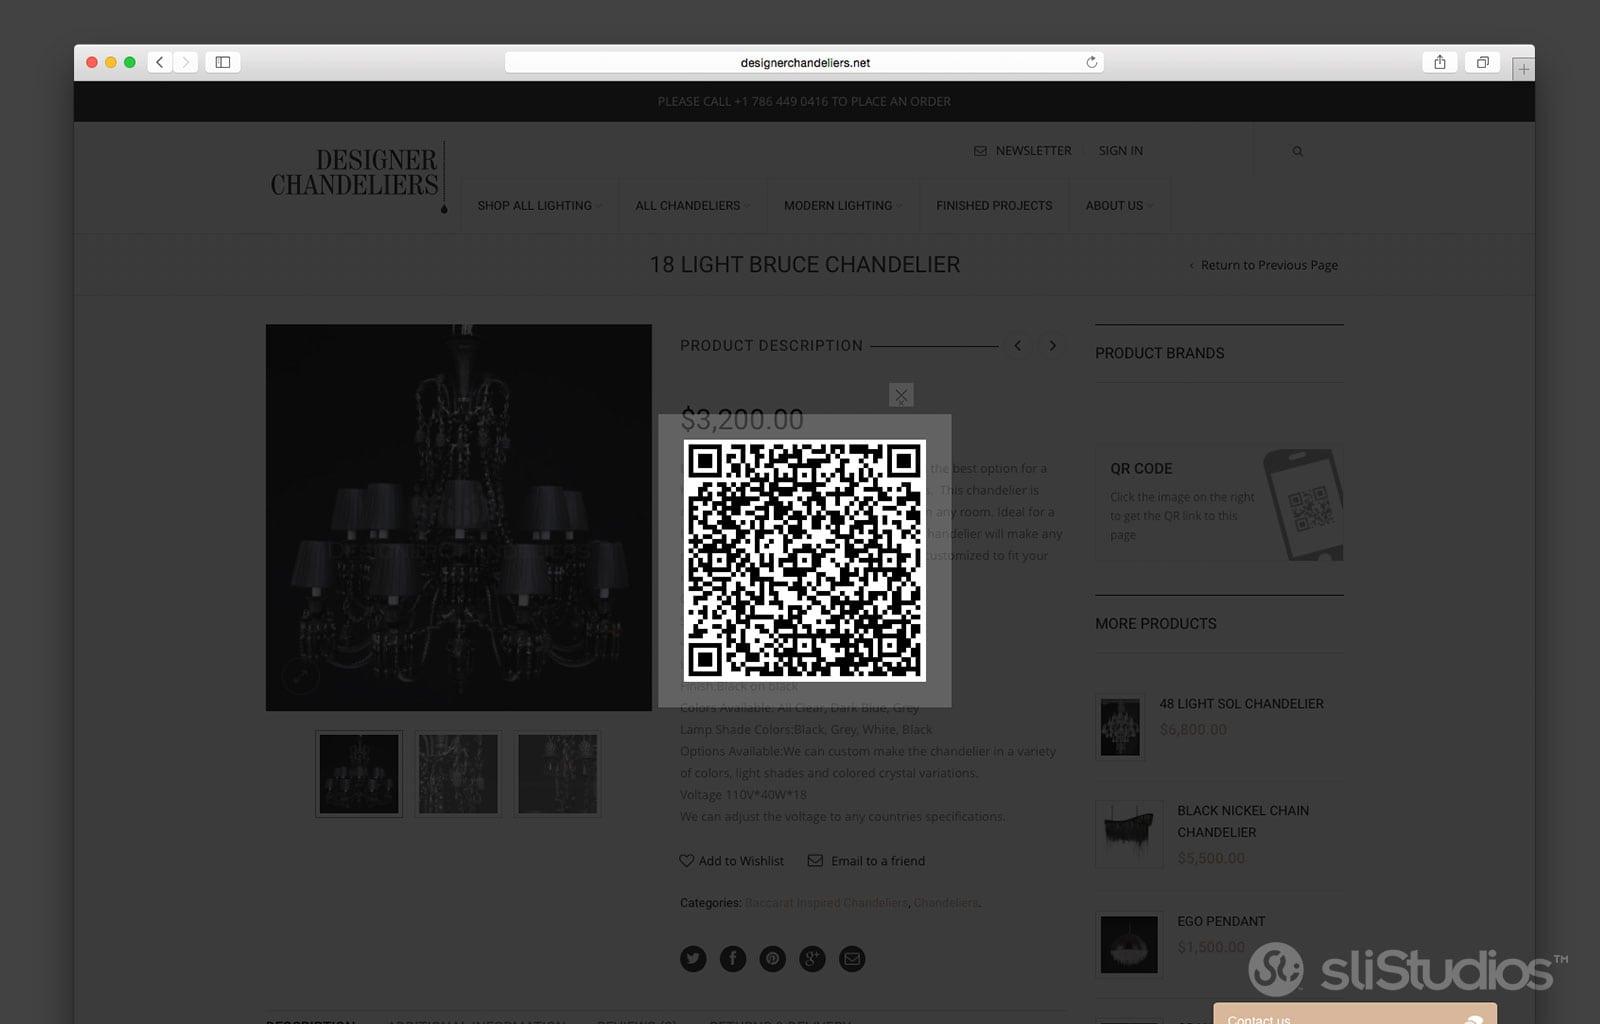 DesignerChandeliers-QR-Code